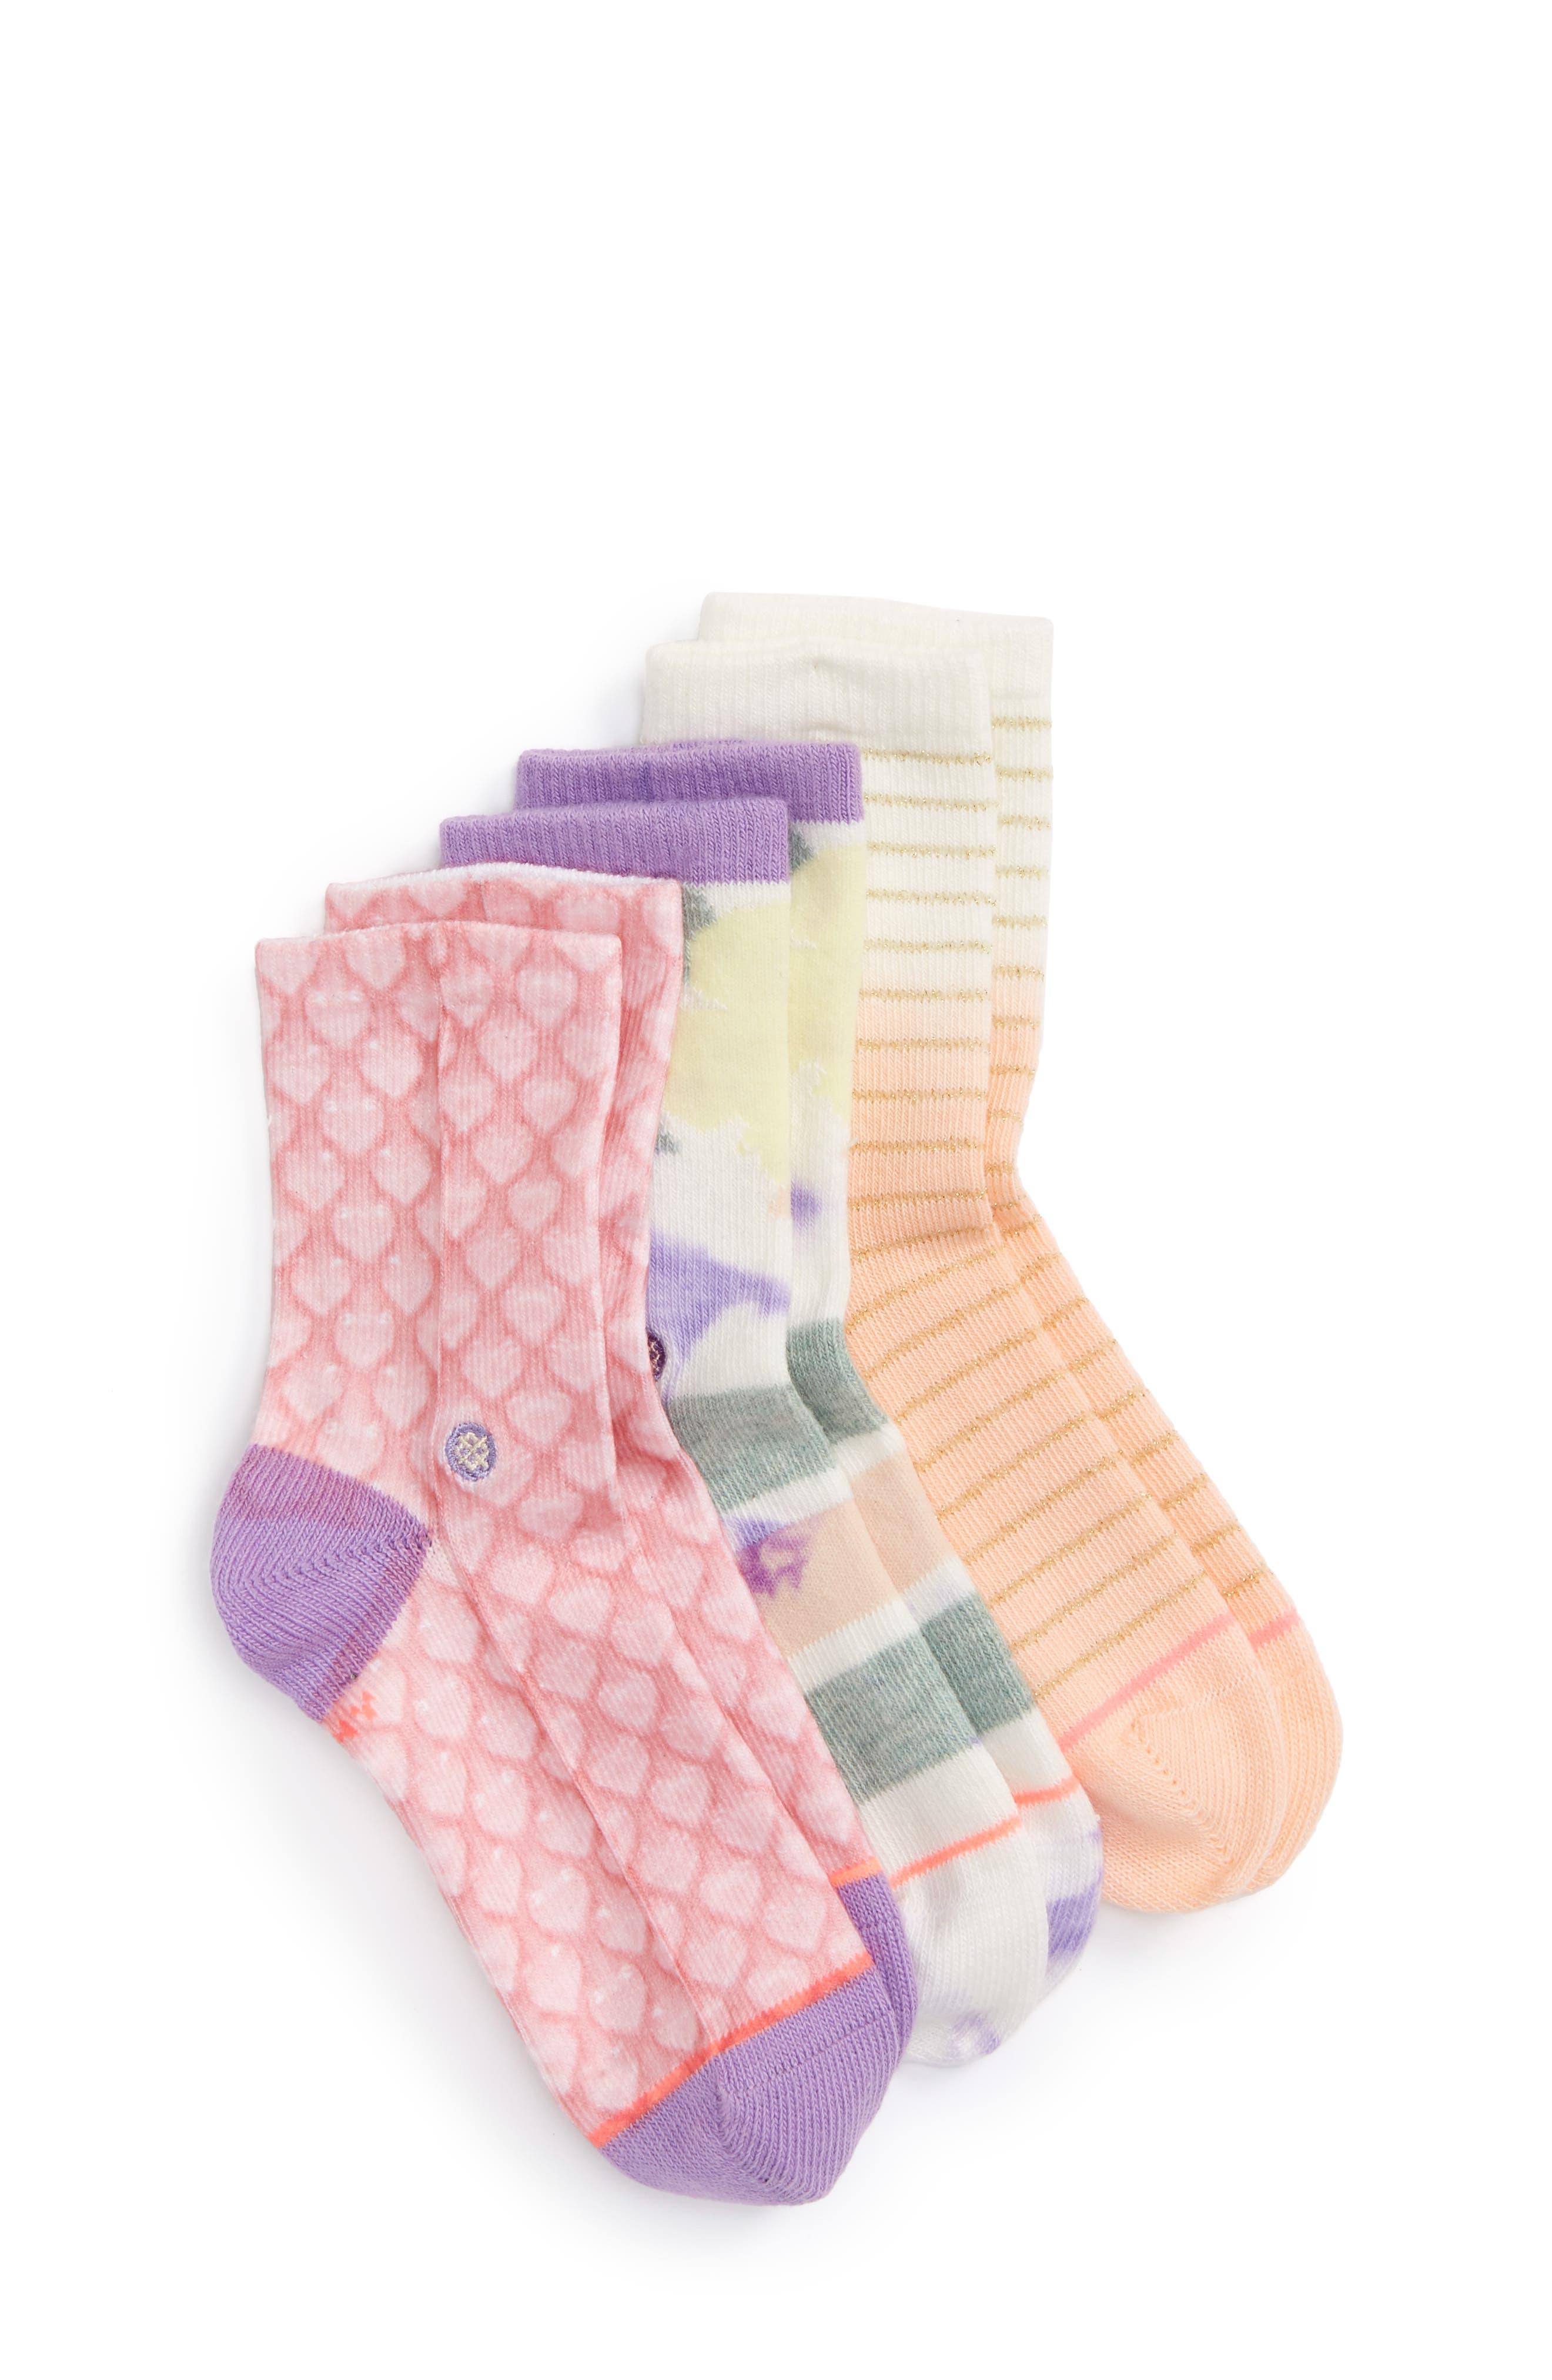 Alternate Image 1 Selected - Stance Pop Assorted 3-Pack Socks (Toddler)